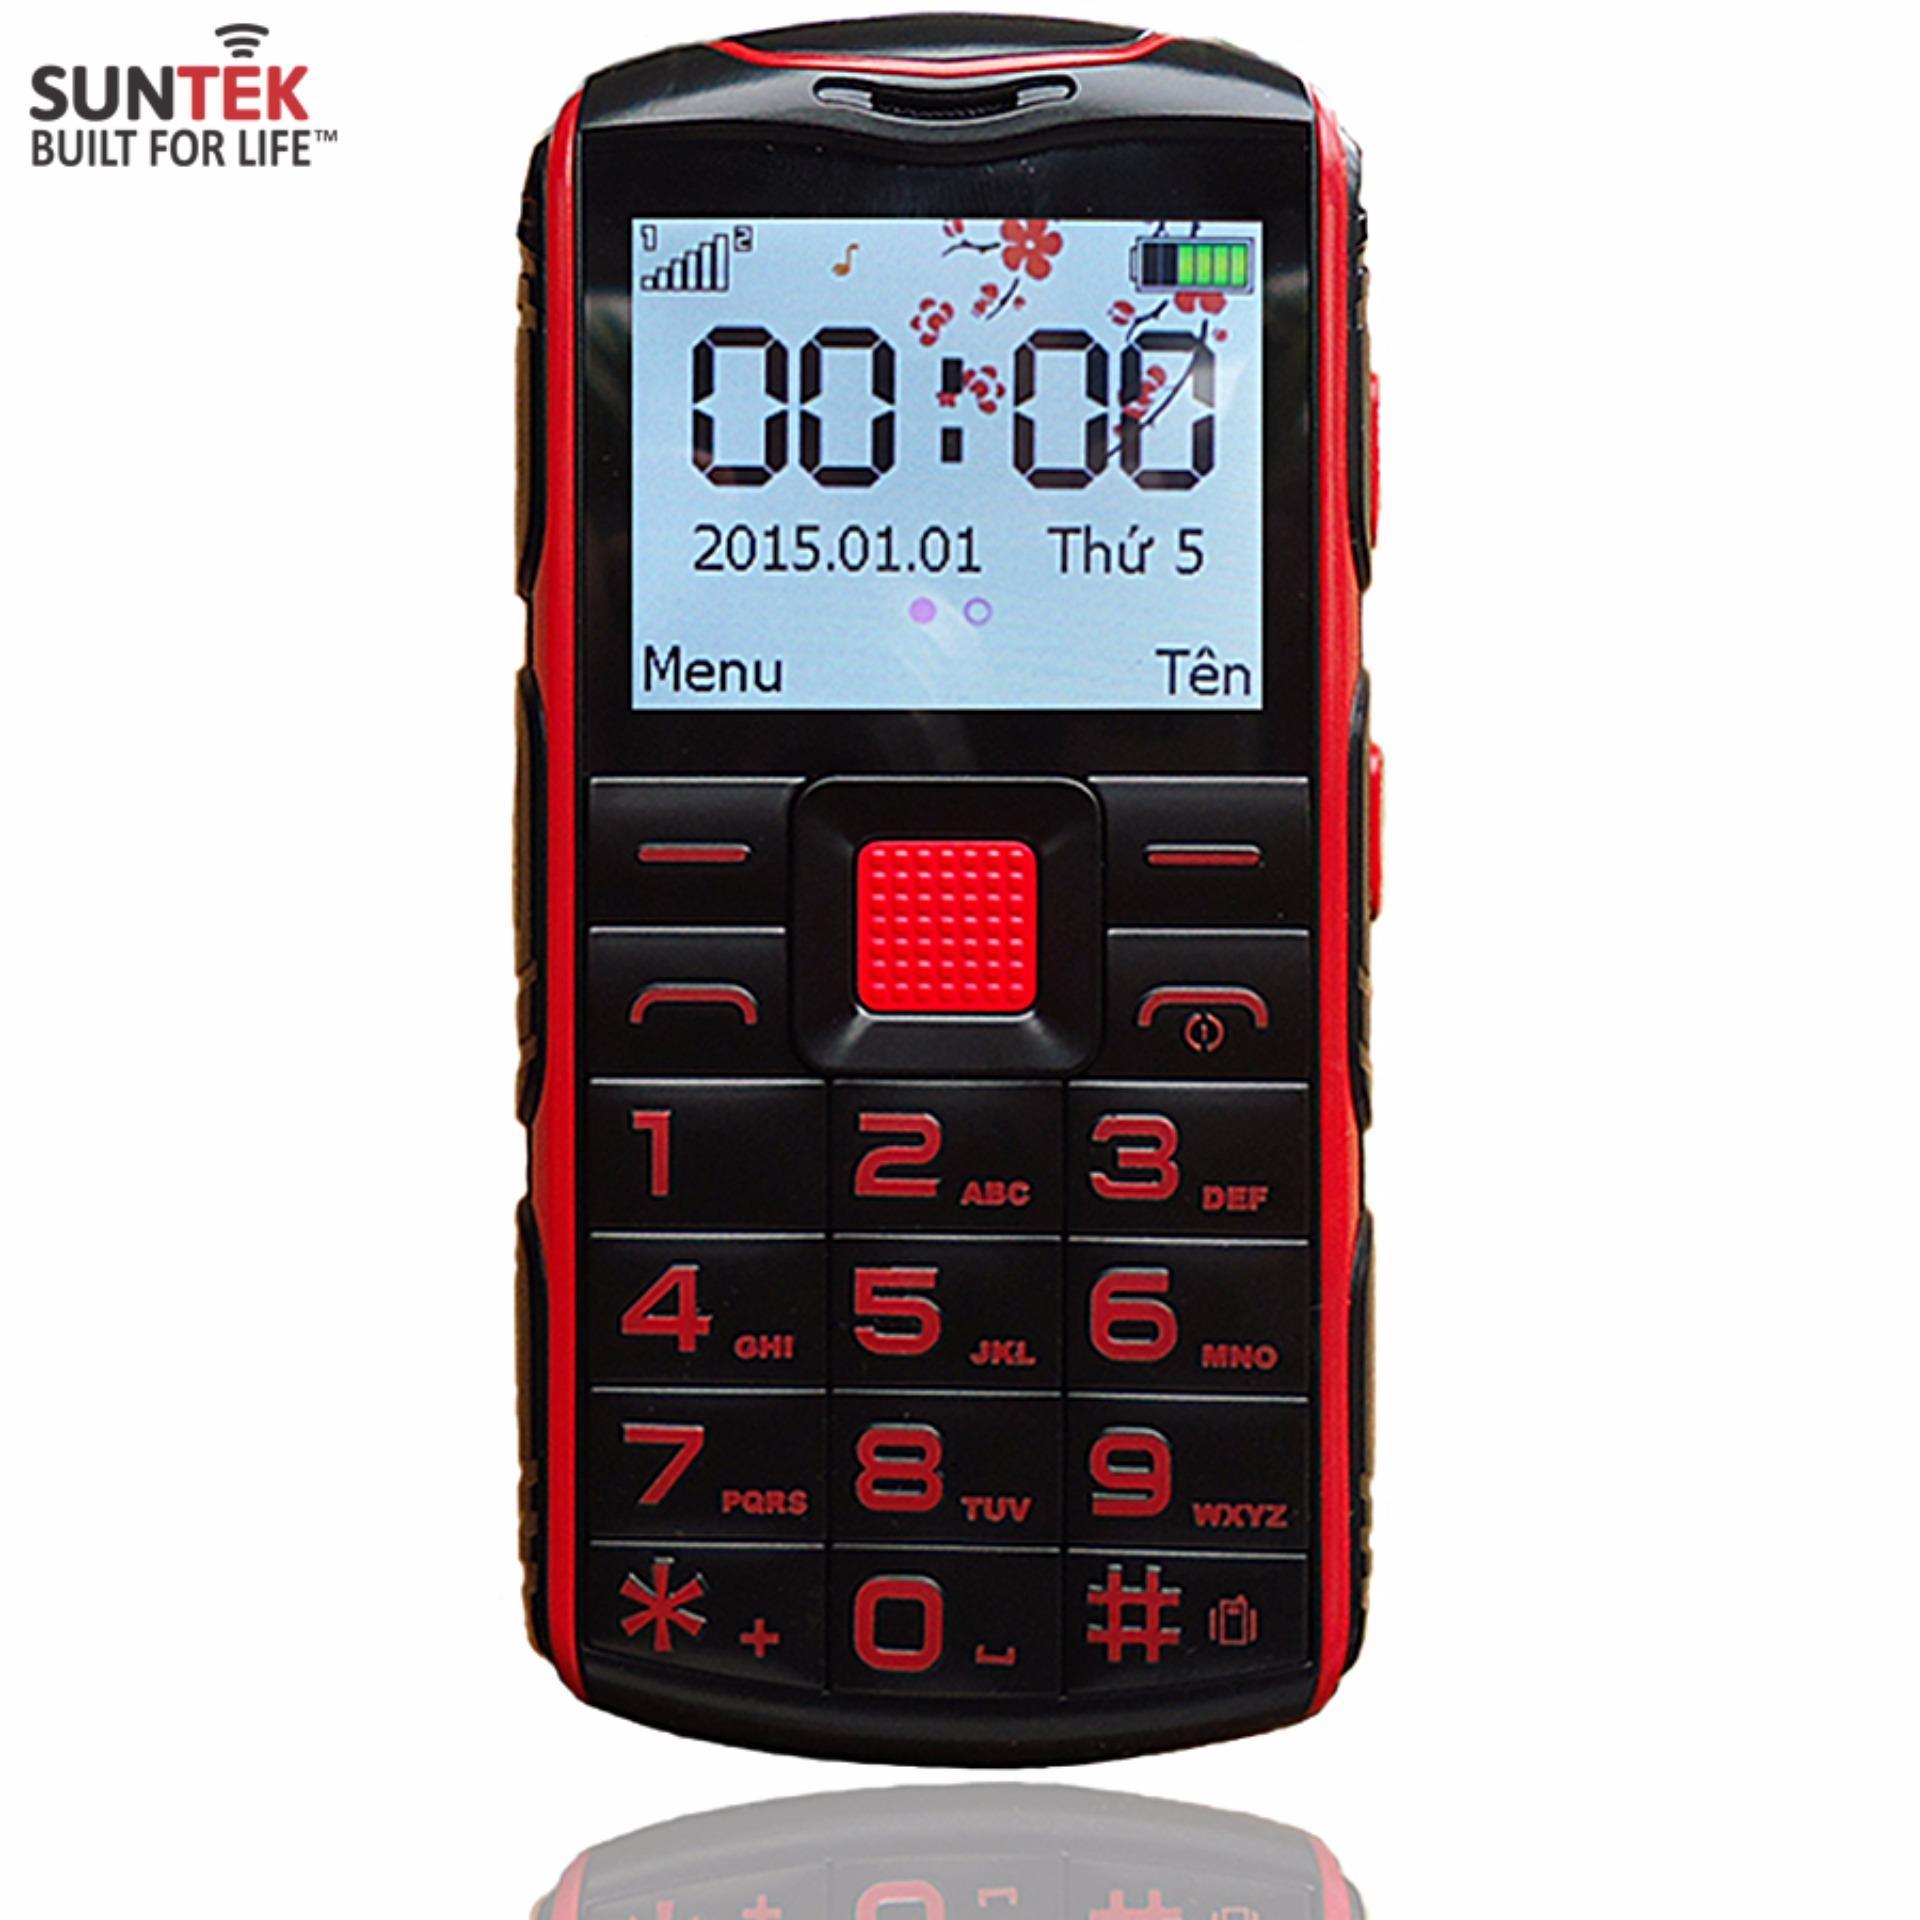 Giảm giá ĐTDĐ Suntek G1 2 SIM dành cho người già (Đỏ phối đen)